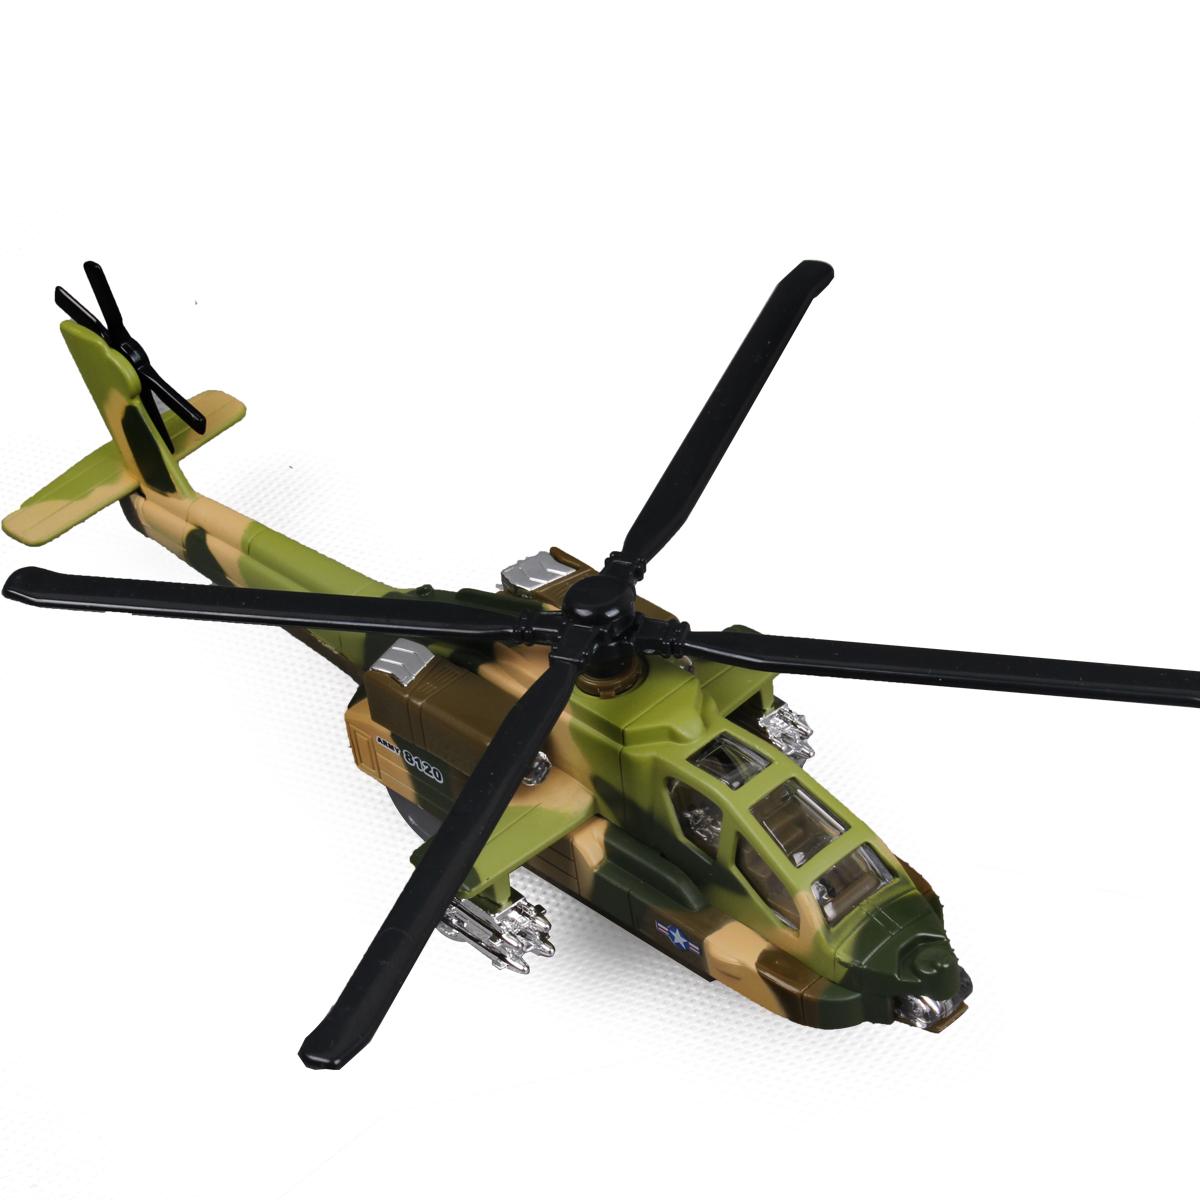 蒂雅多 阿帕奇直升机 螺旋浆 全天侯武装攻击机 合金飞机 声光版